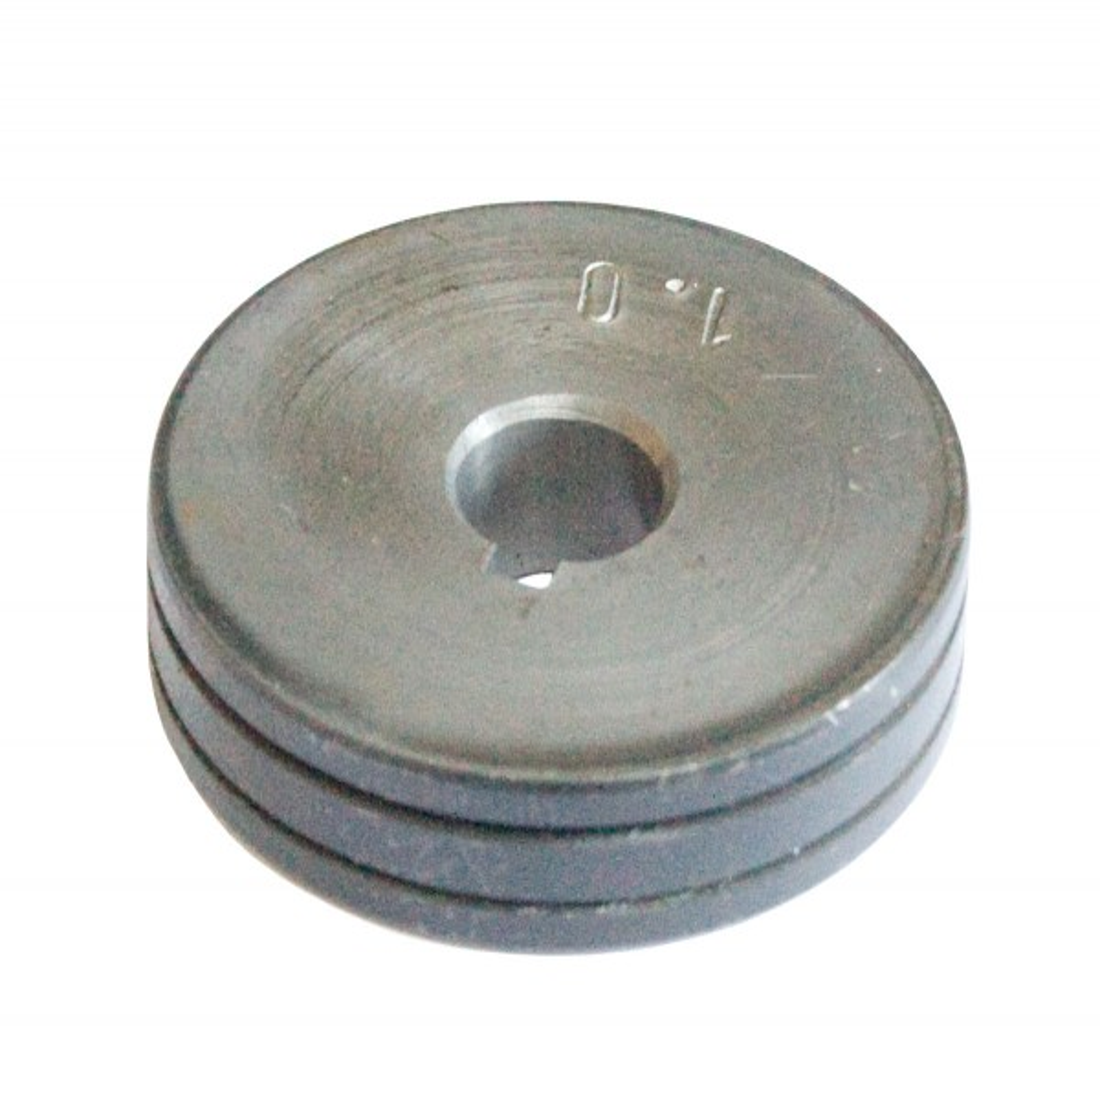 Vorschubrolle 1,0/1,2 mm, EM201/211 - ELMAG